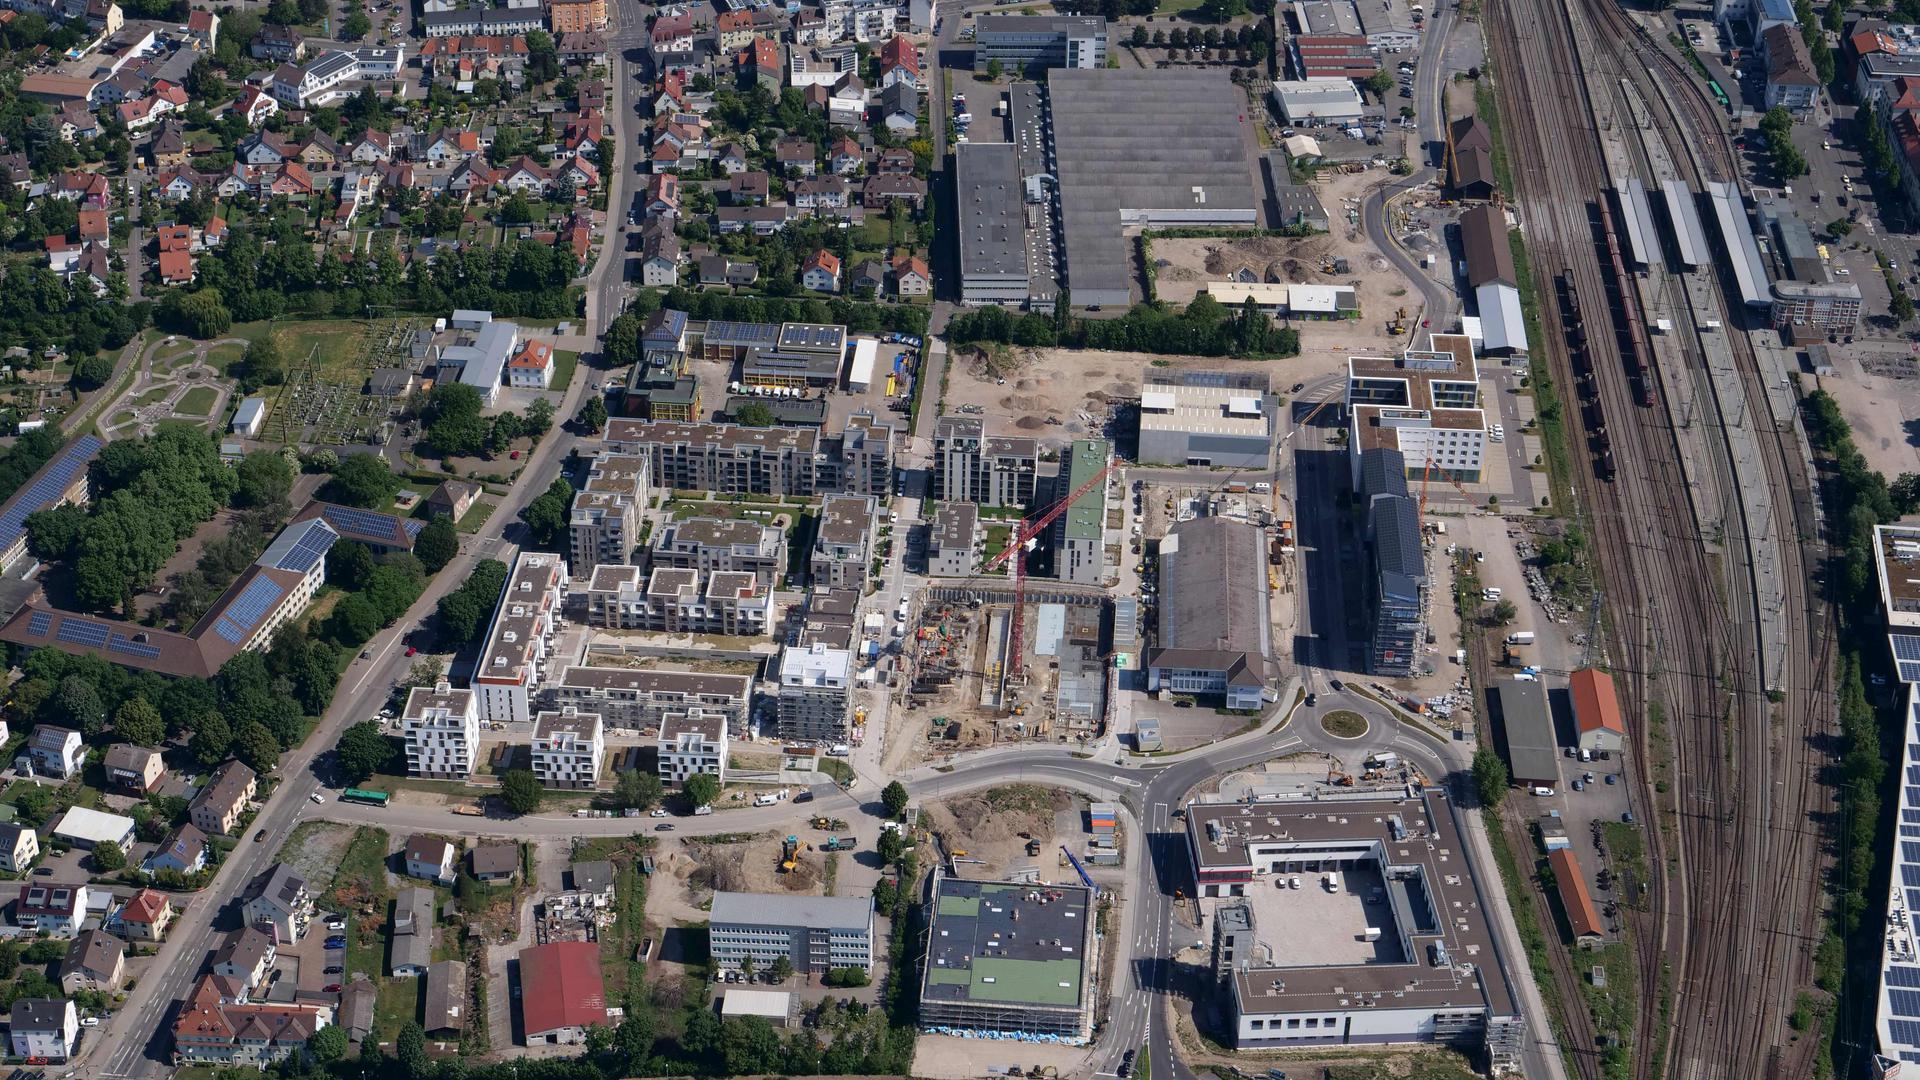 Bruchsal Bahnstadt Luftbild vom 16.05.2020 Peter Sandbiller Luftbruchsal